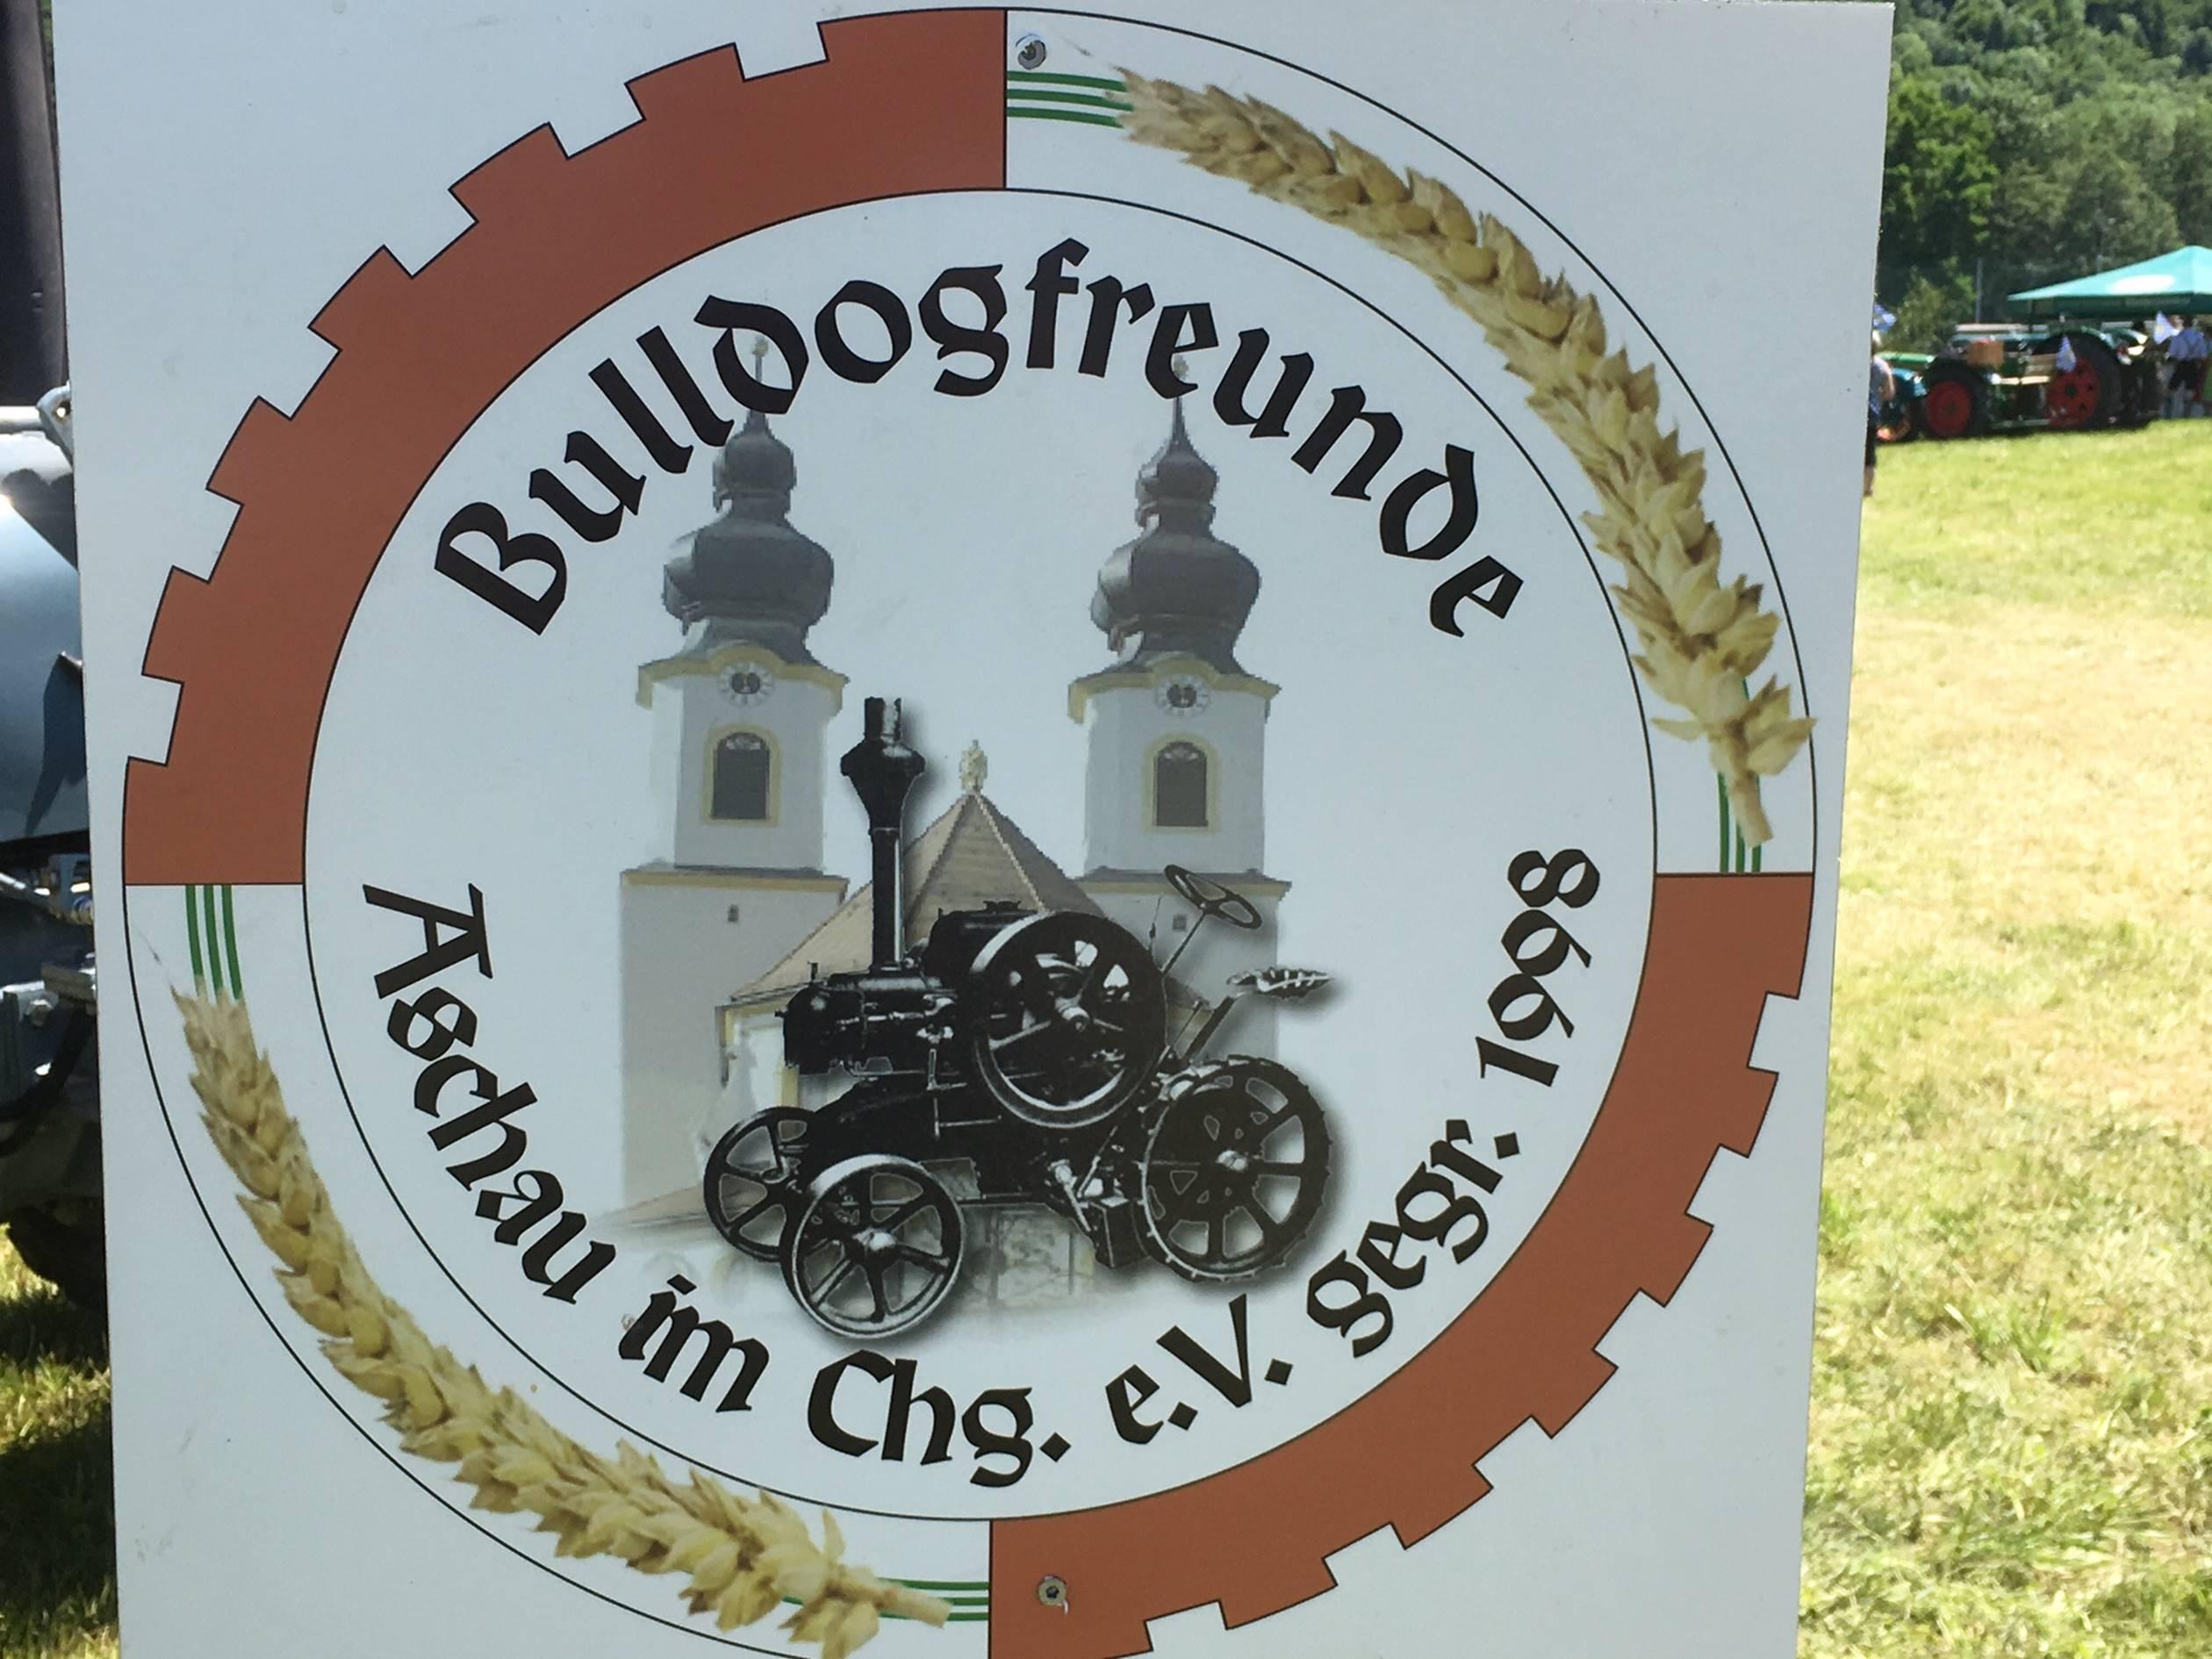 bulldogtreffen 2